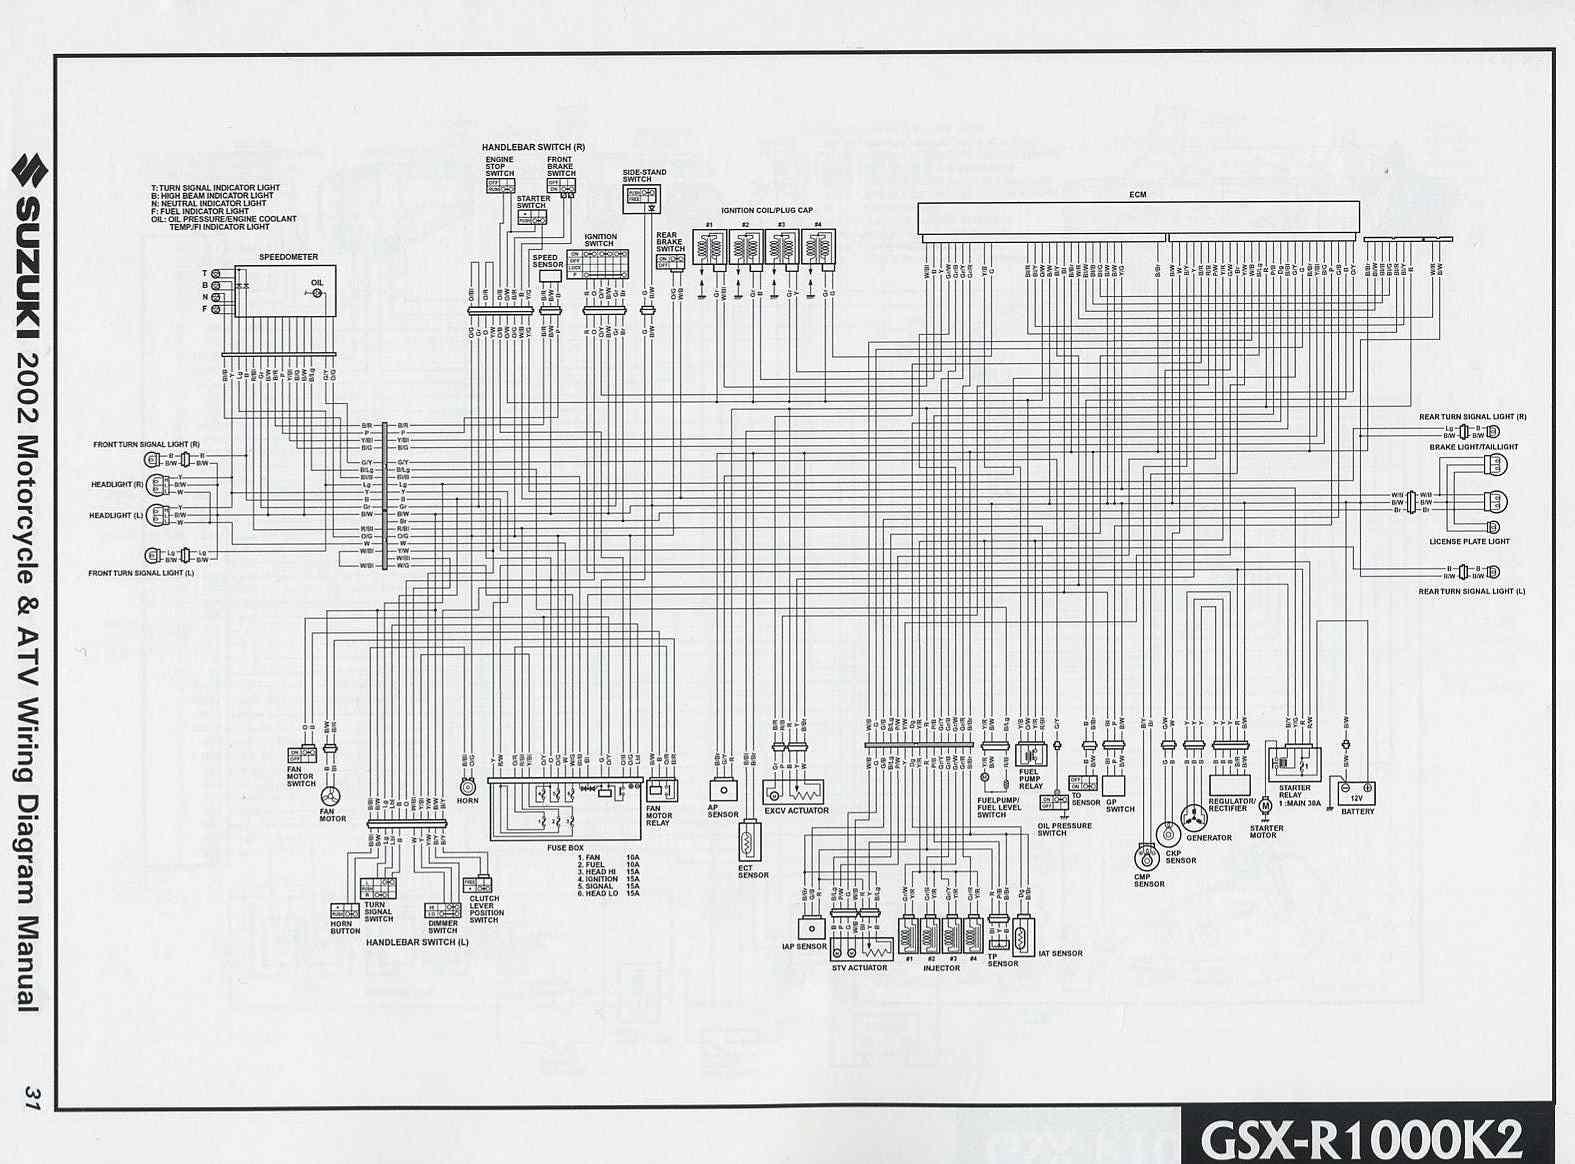 Suzuki Gsx R Wiring Diagram K 6 | Wiring Diagram on